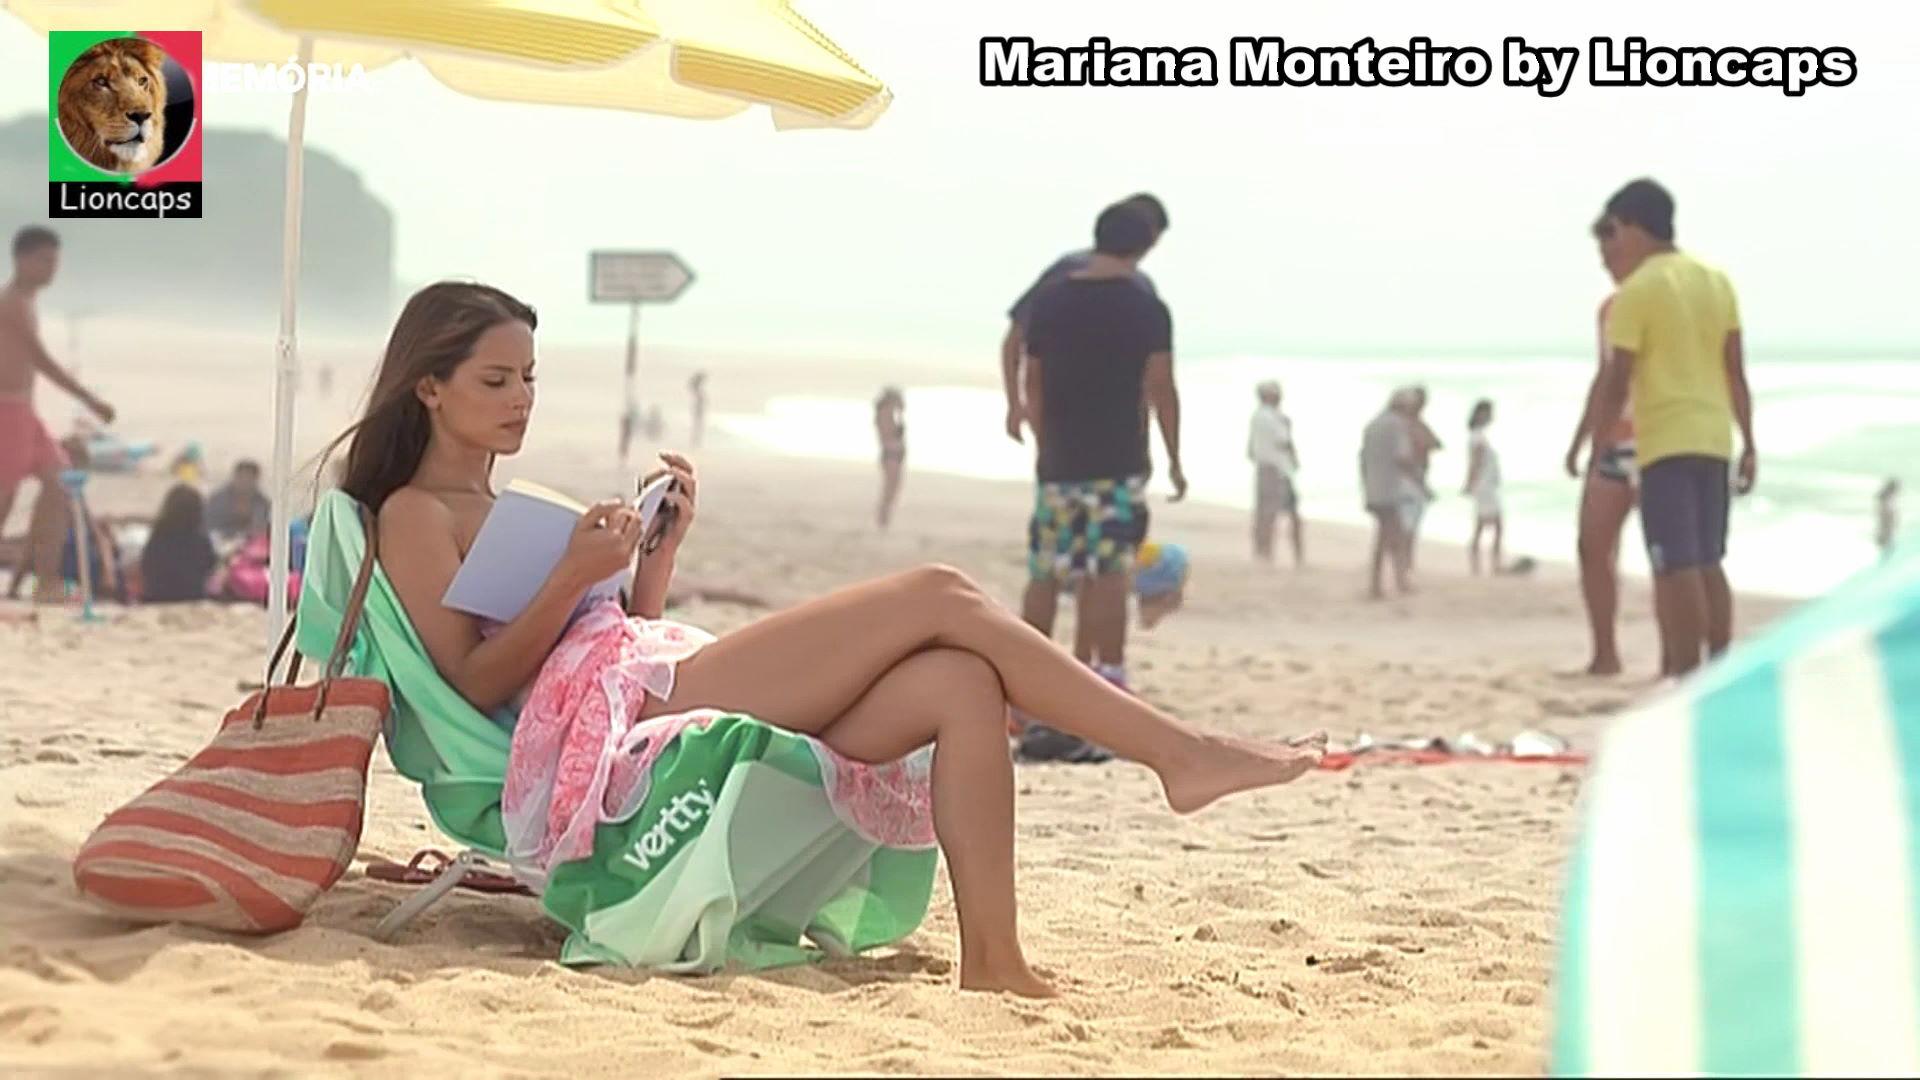 mariana_monteiro_vs200604-076 (2).JPG